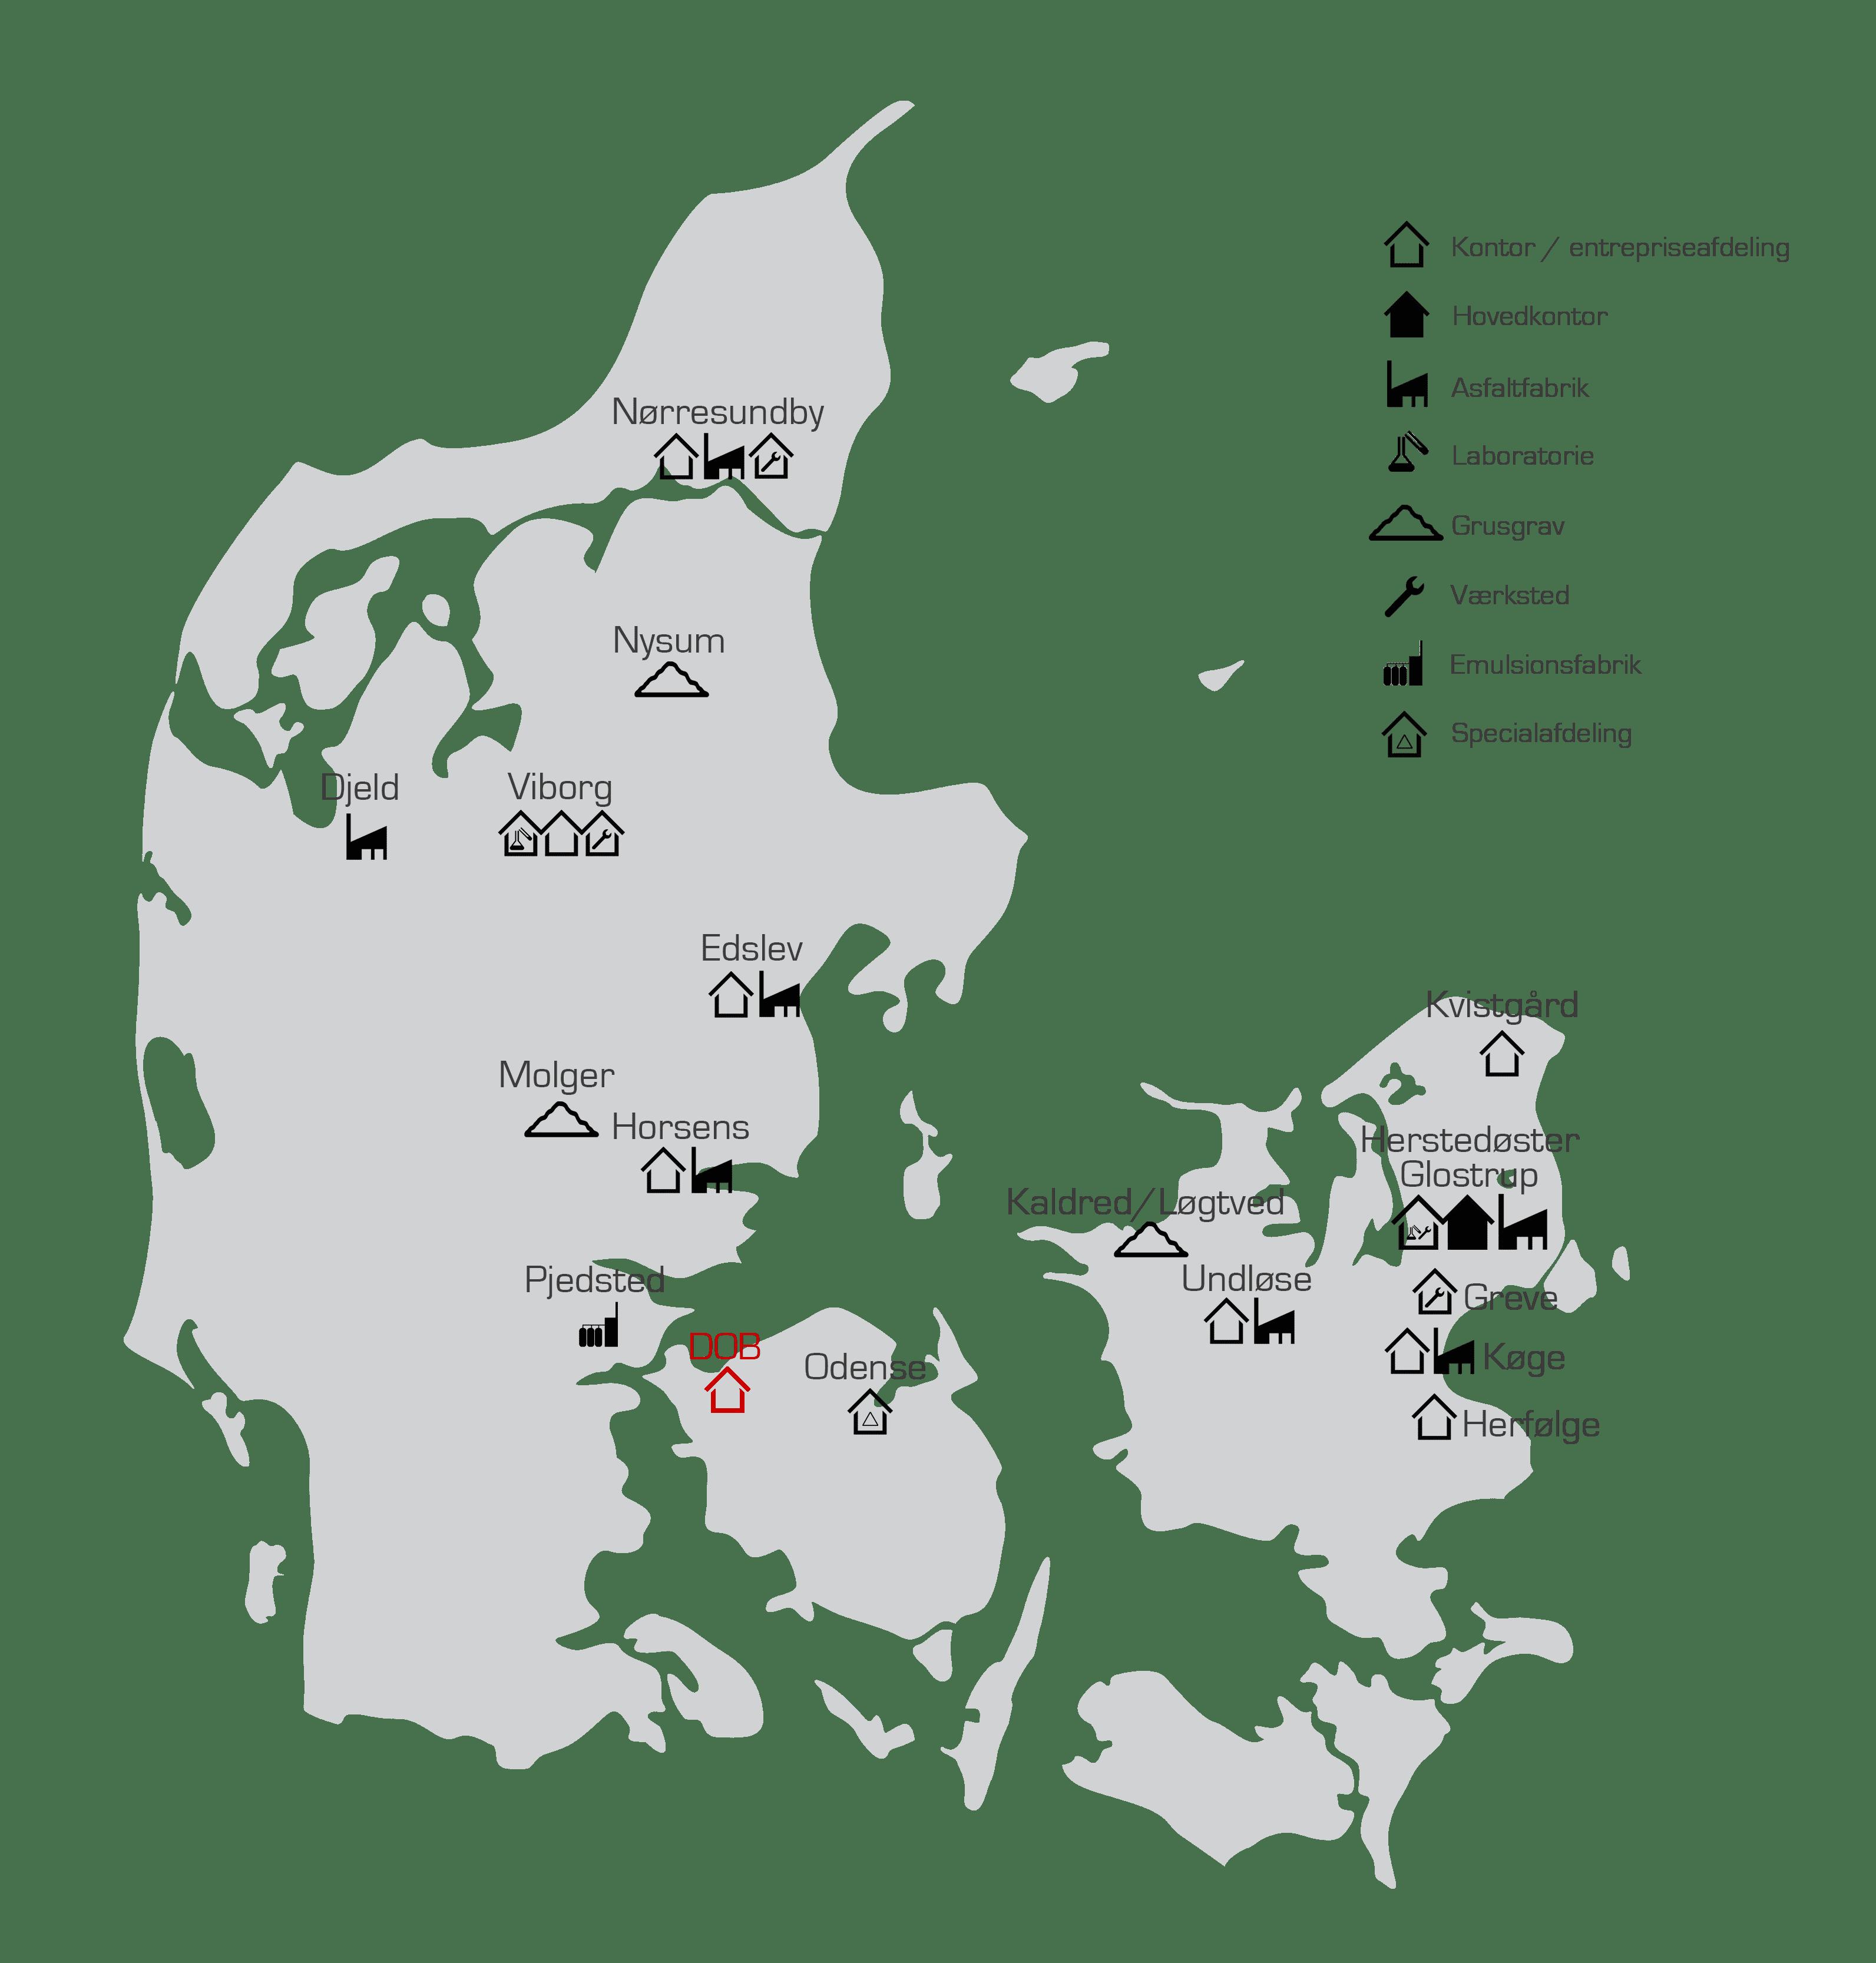 DK-Map-Colas_2018_simple_dk